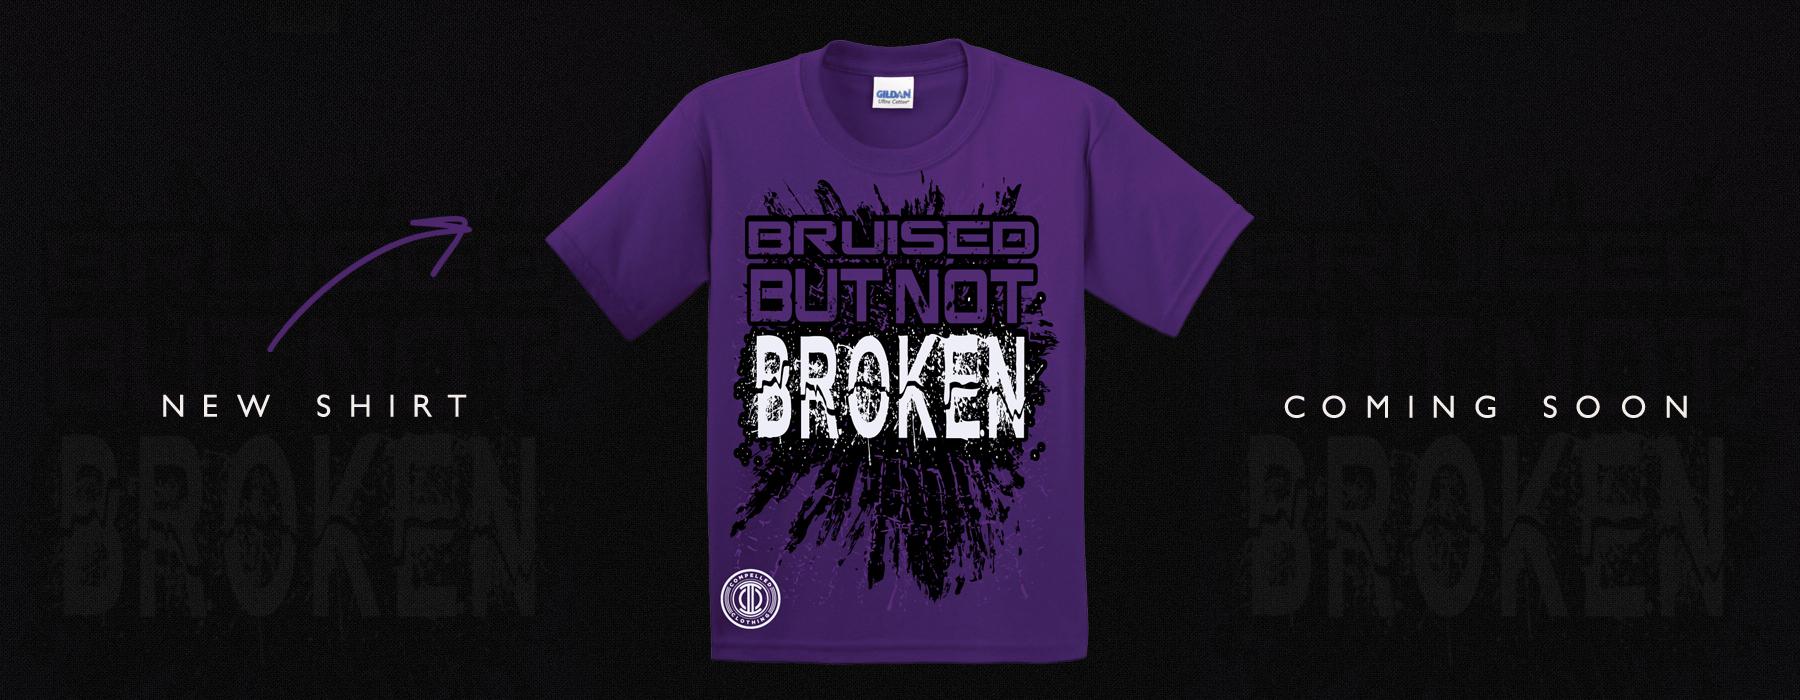 new-shirt-brused-2017